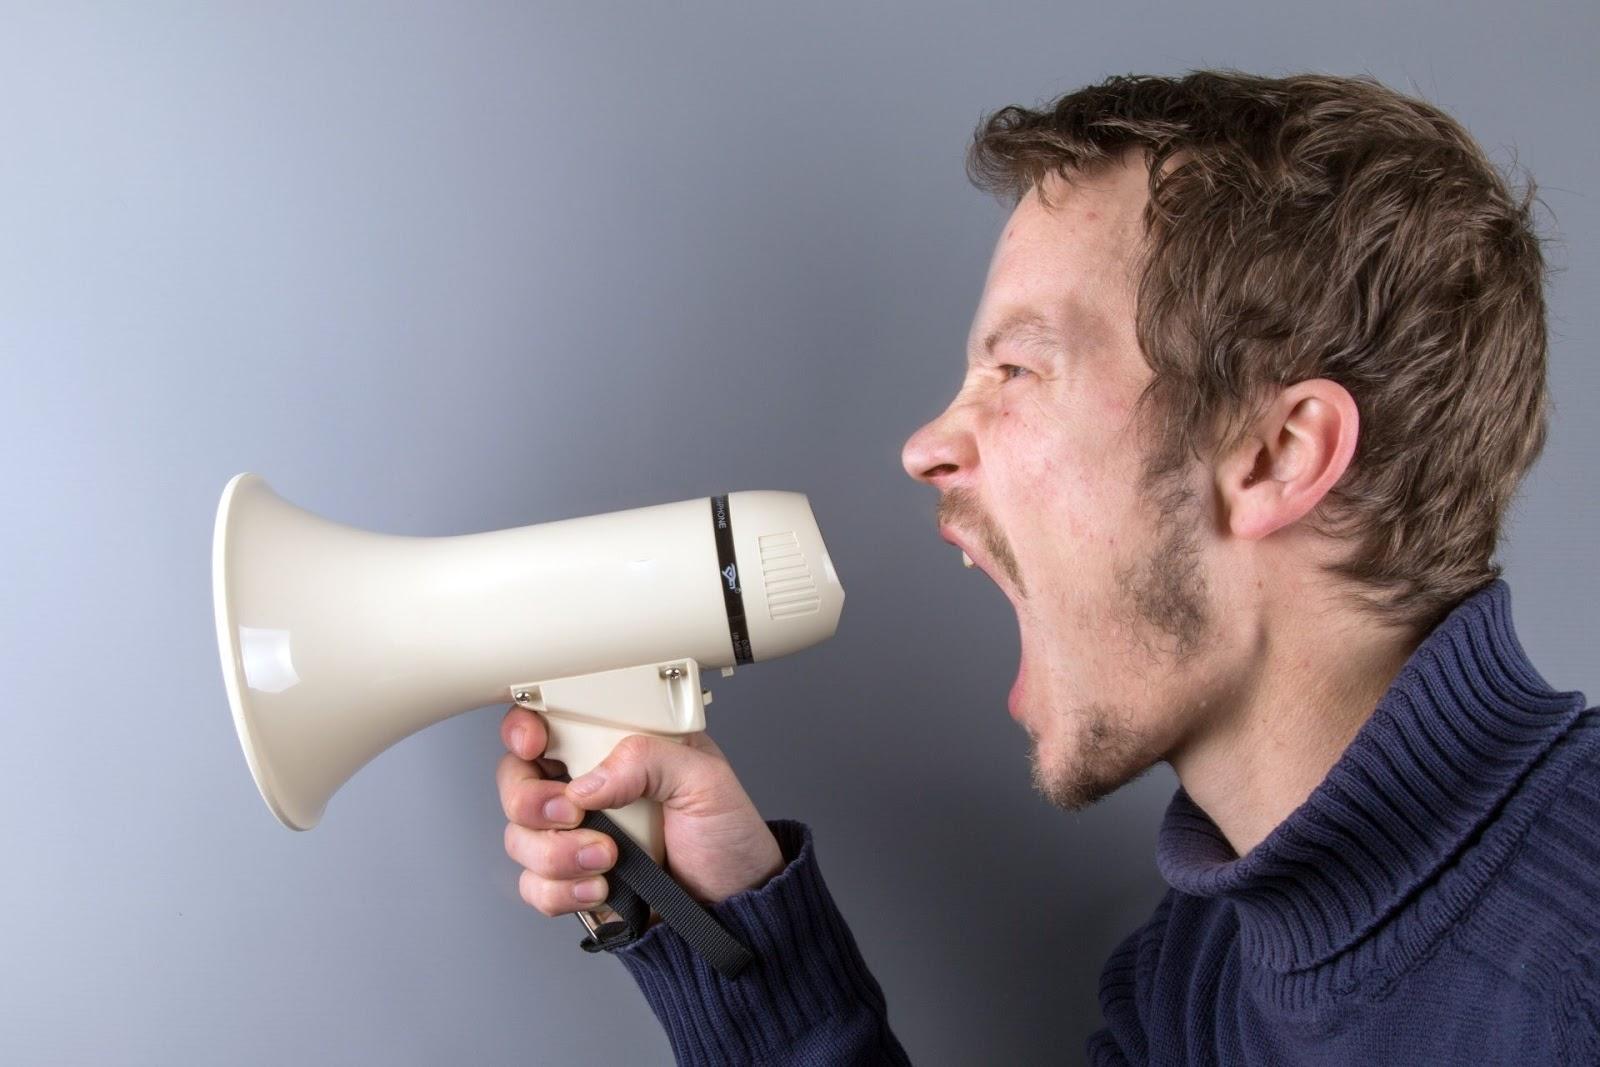 Fiziológiai előnyök A férfiak által bejelentett PMO-k kiküszöbölése